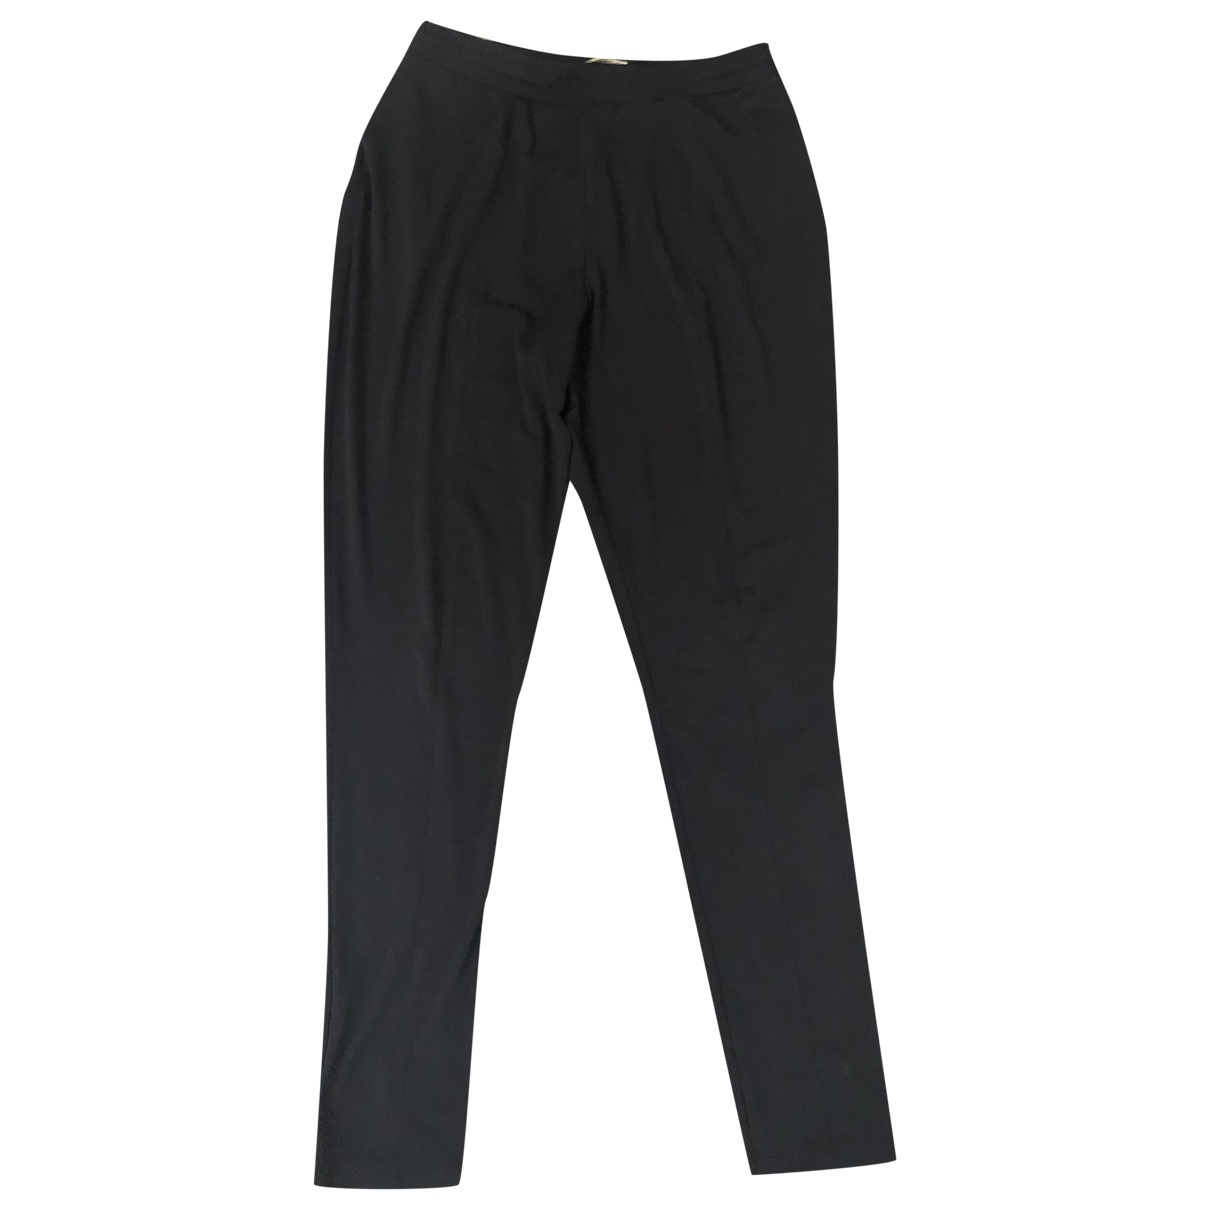 Michael Kors \N Black Trousers for Women S International